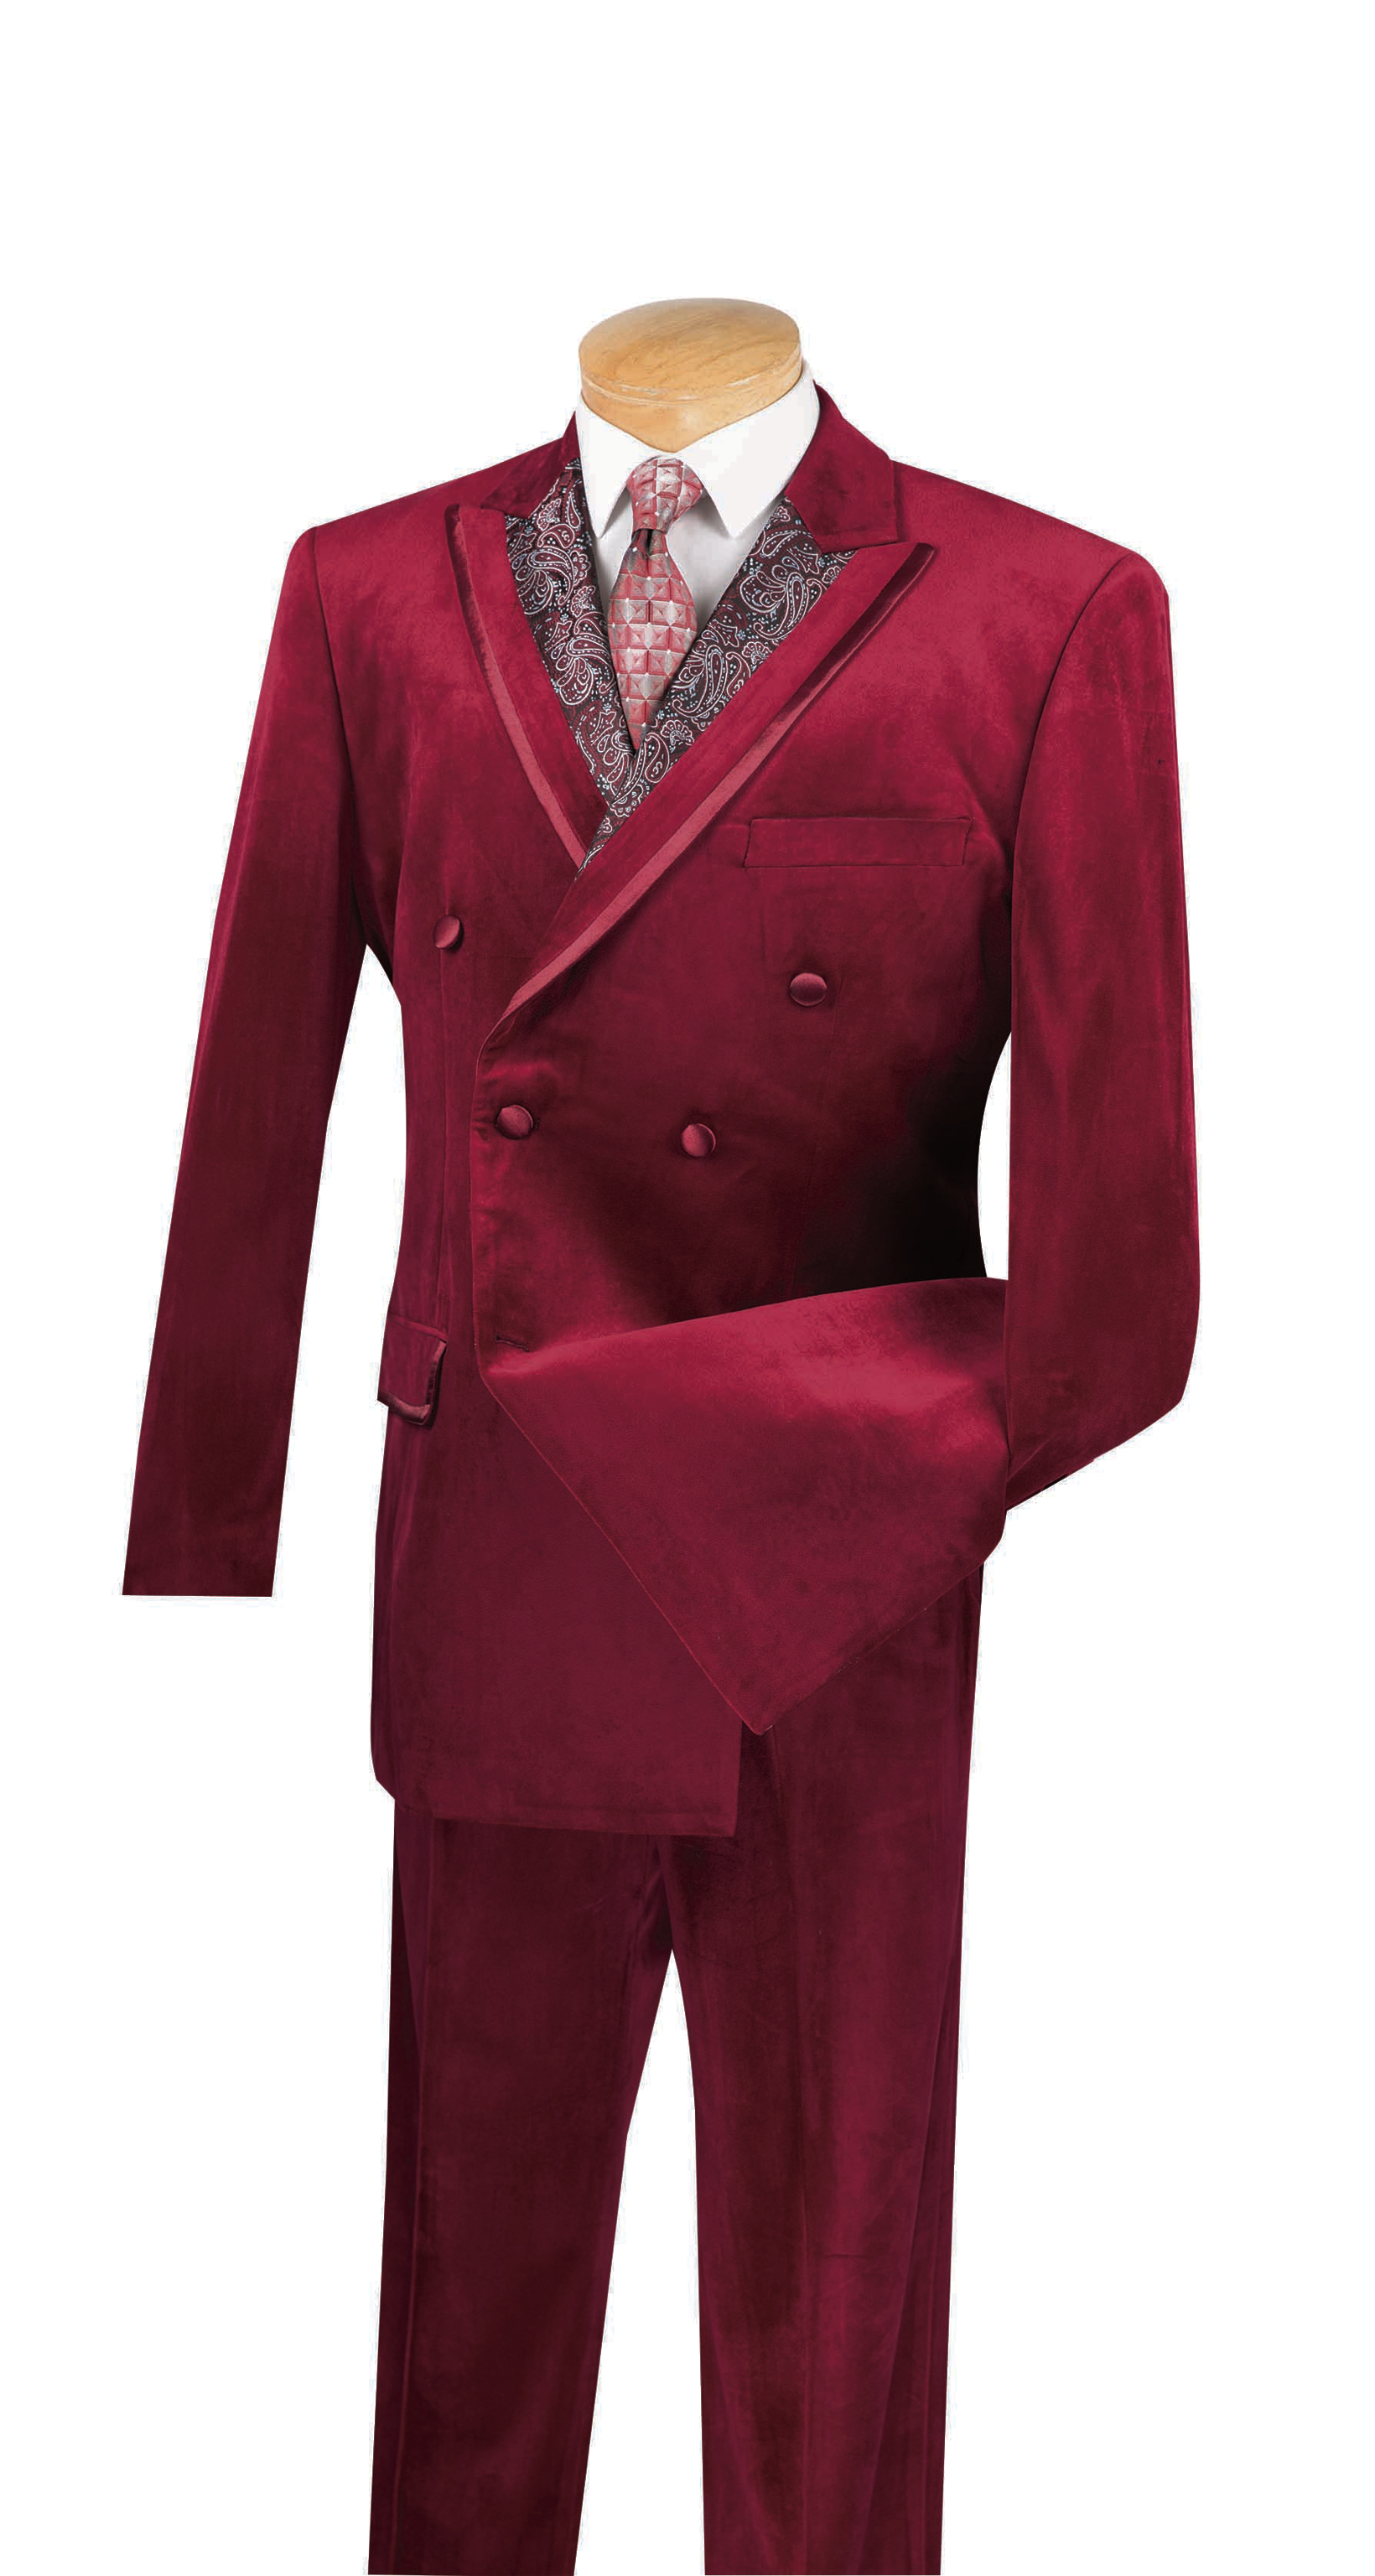 Vinci Men/'s Blue Textured 3pc Tuxedo Suit w// Black Lapel /& Trim NEW